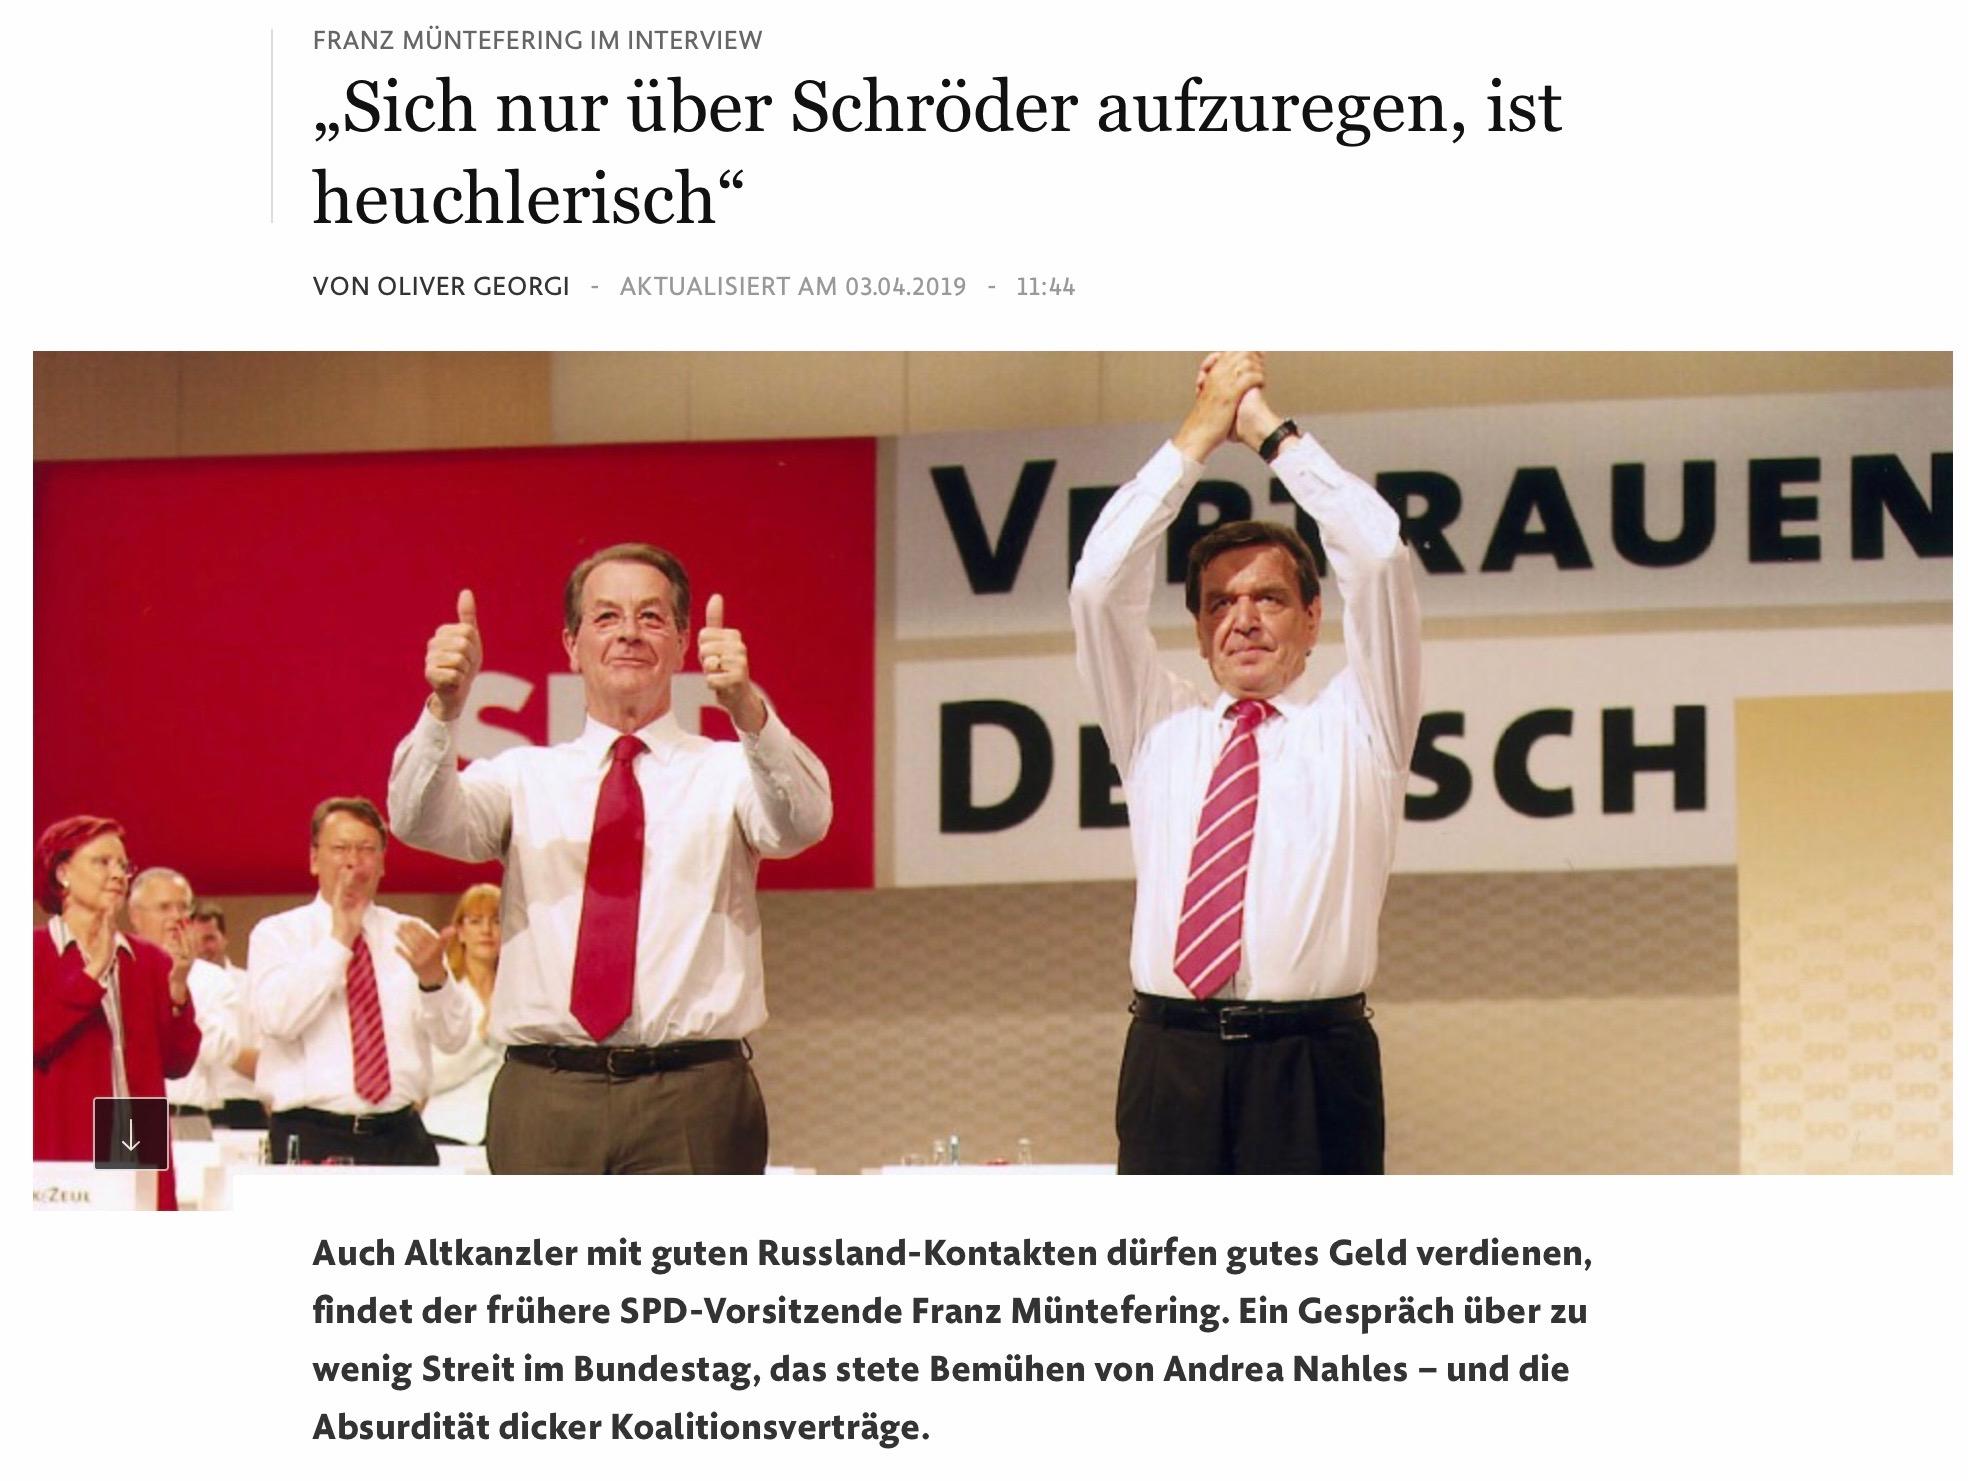 Franz Müntefering über Schröder